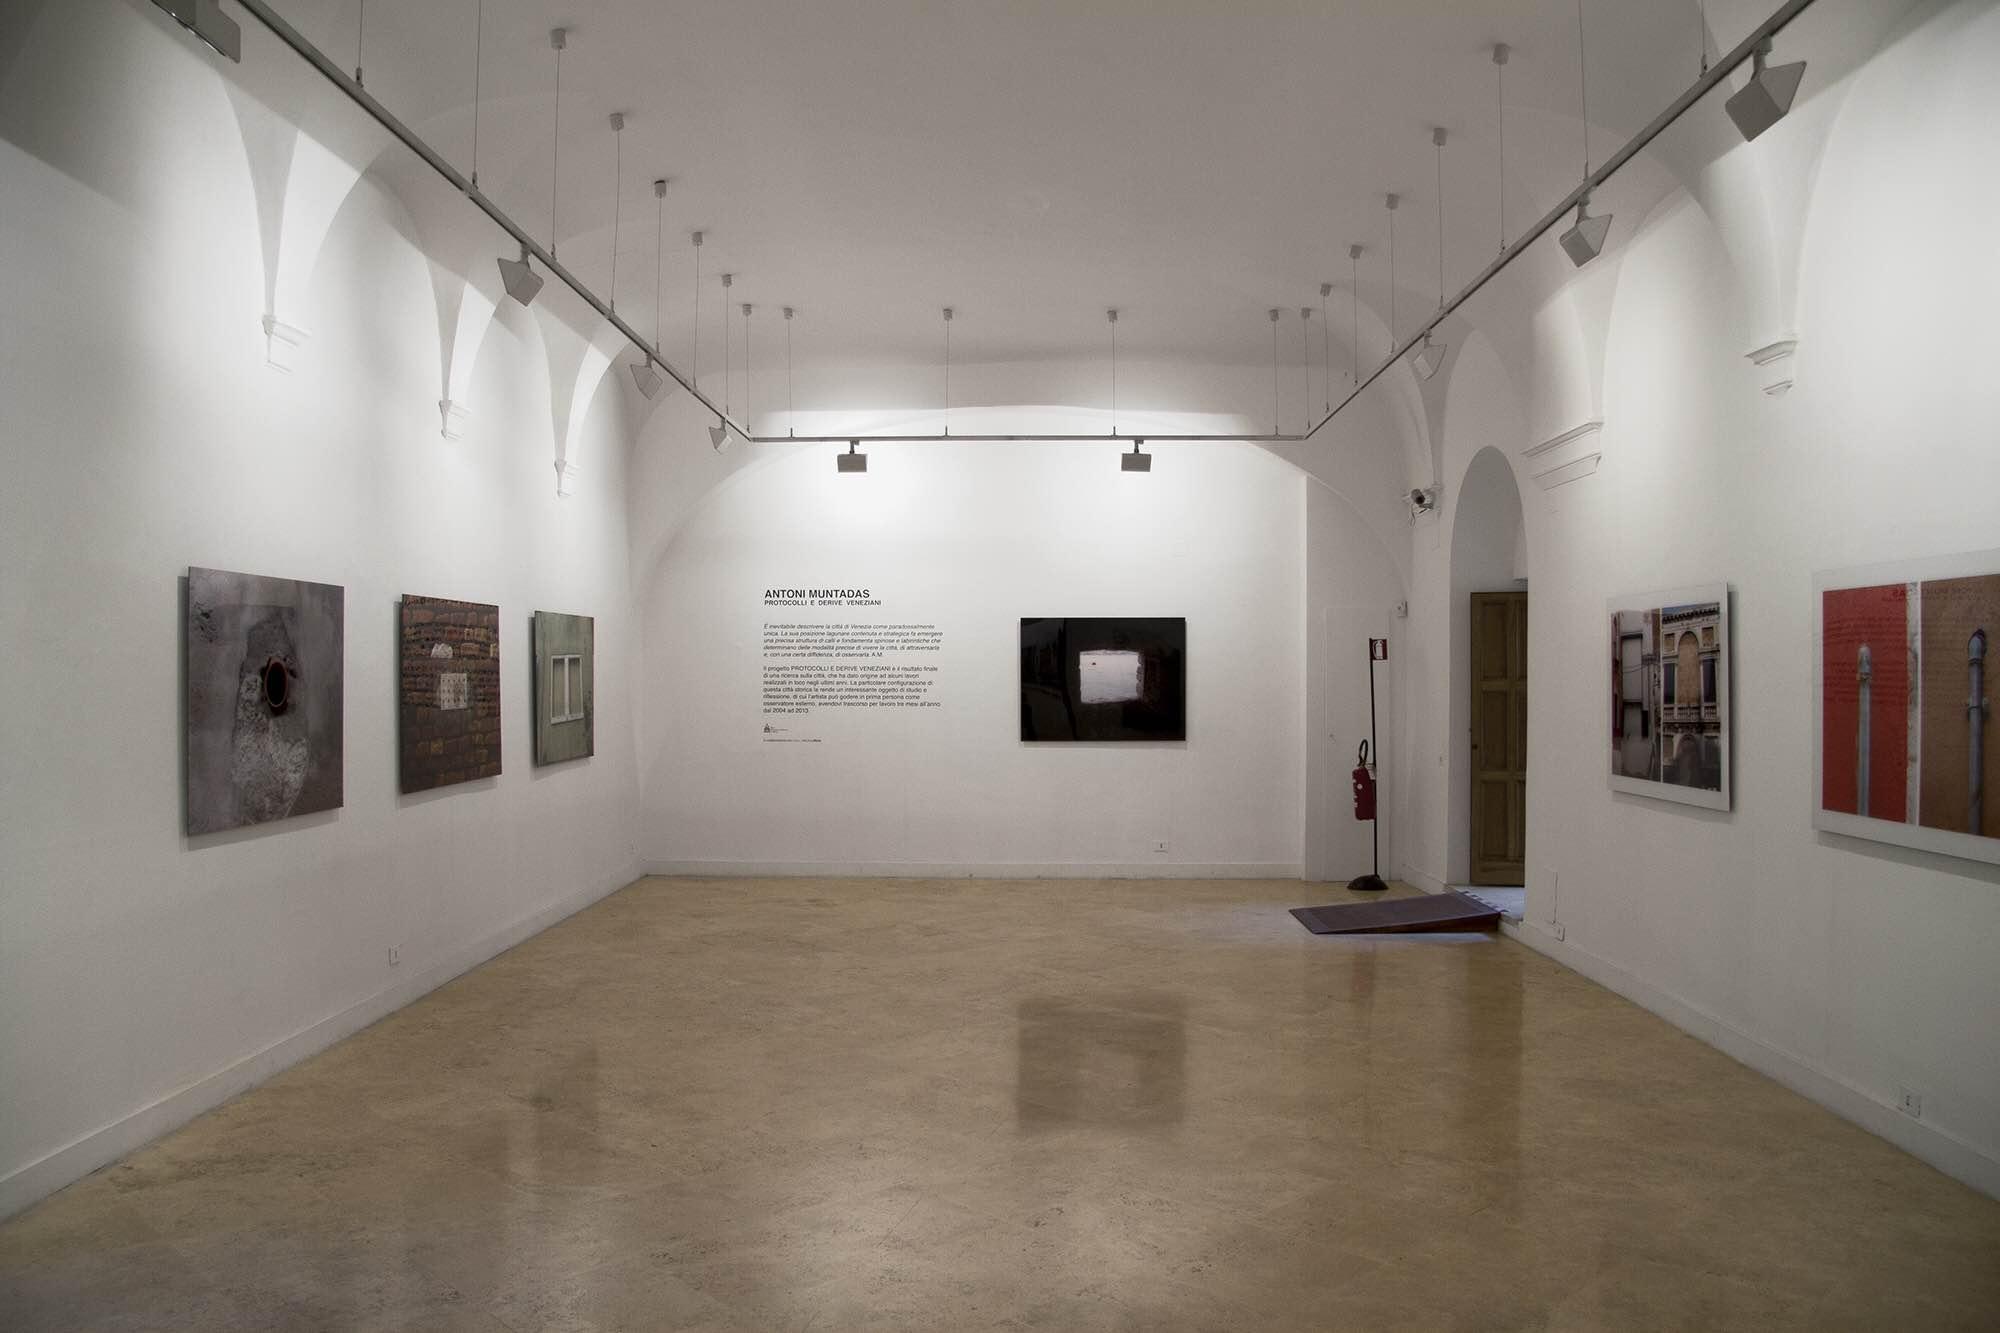 Antoni Muntadas – Protocolli e derive veneziane - installation view at Real Academia de España, Roma 2016